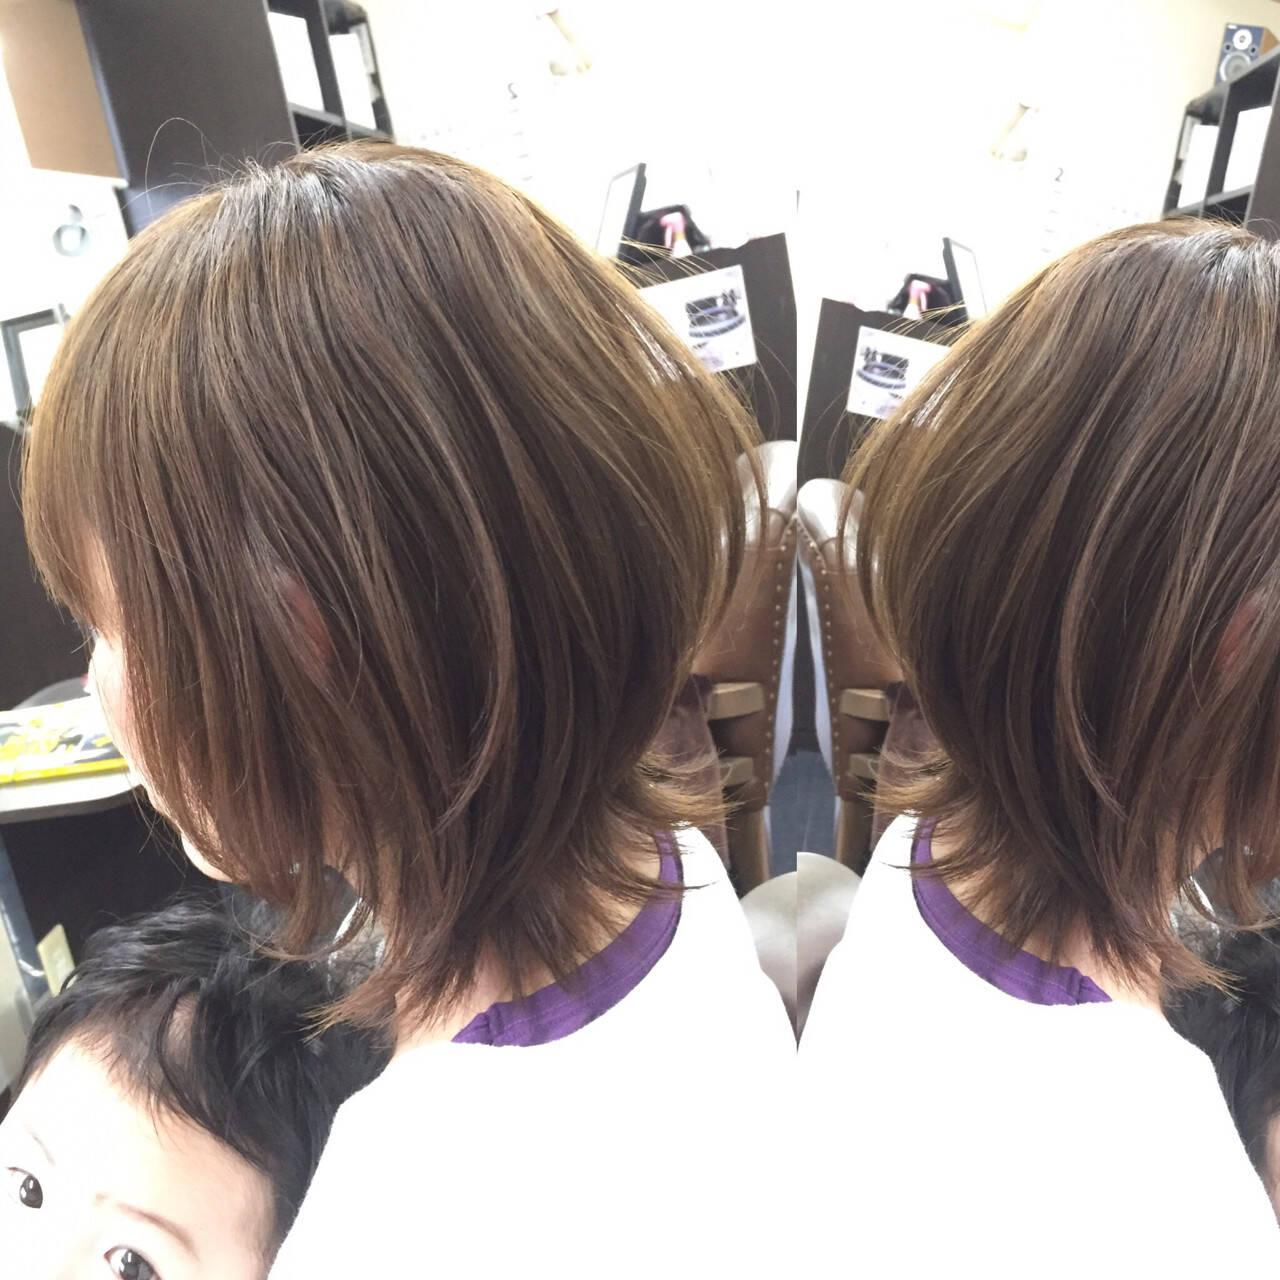 マッシュ アッシュ ボブ 大人かわいいヘアスタイルや髪型の写真・画像